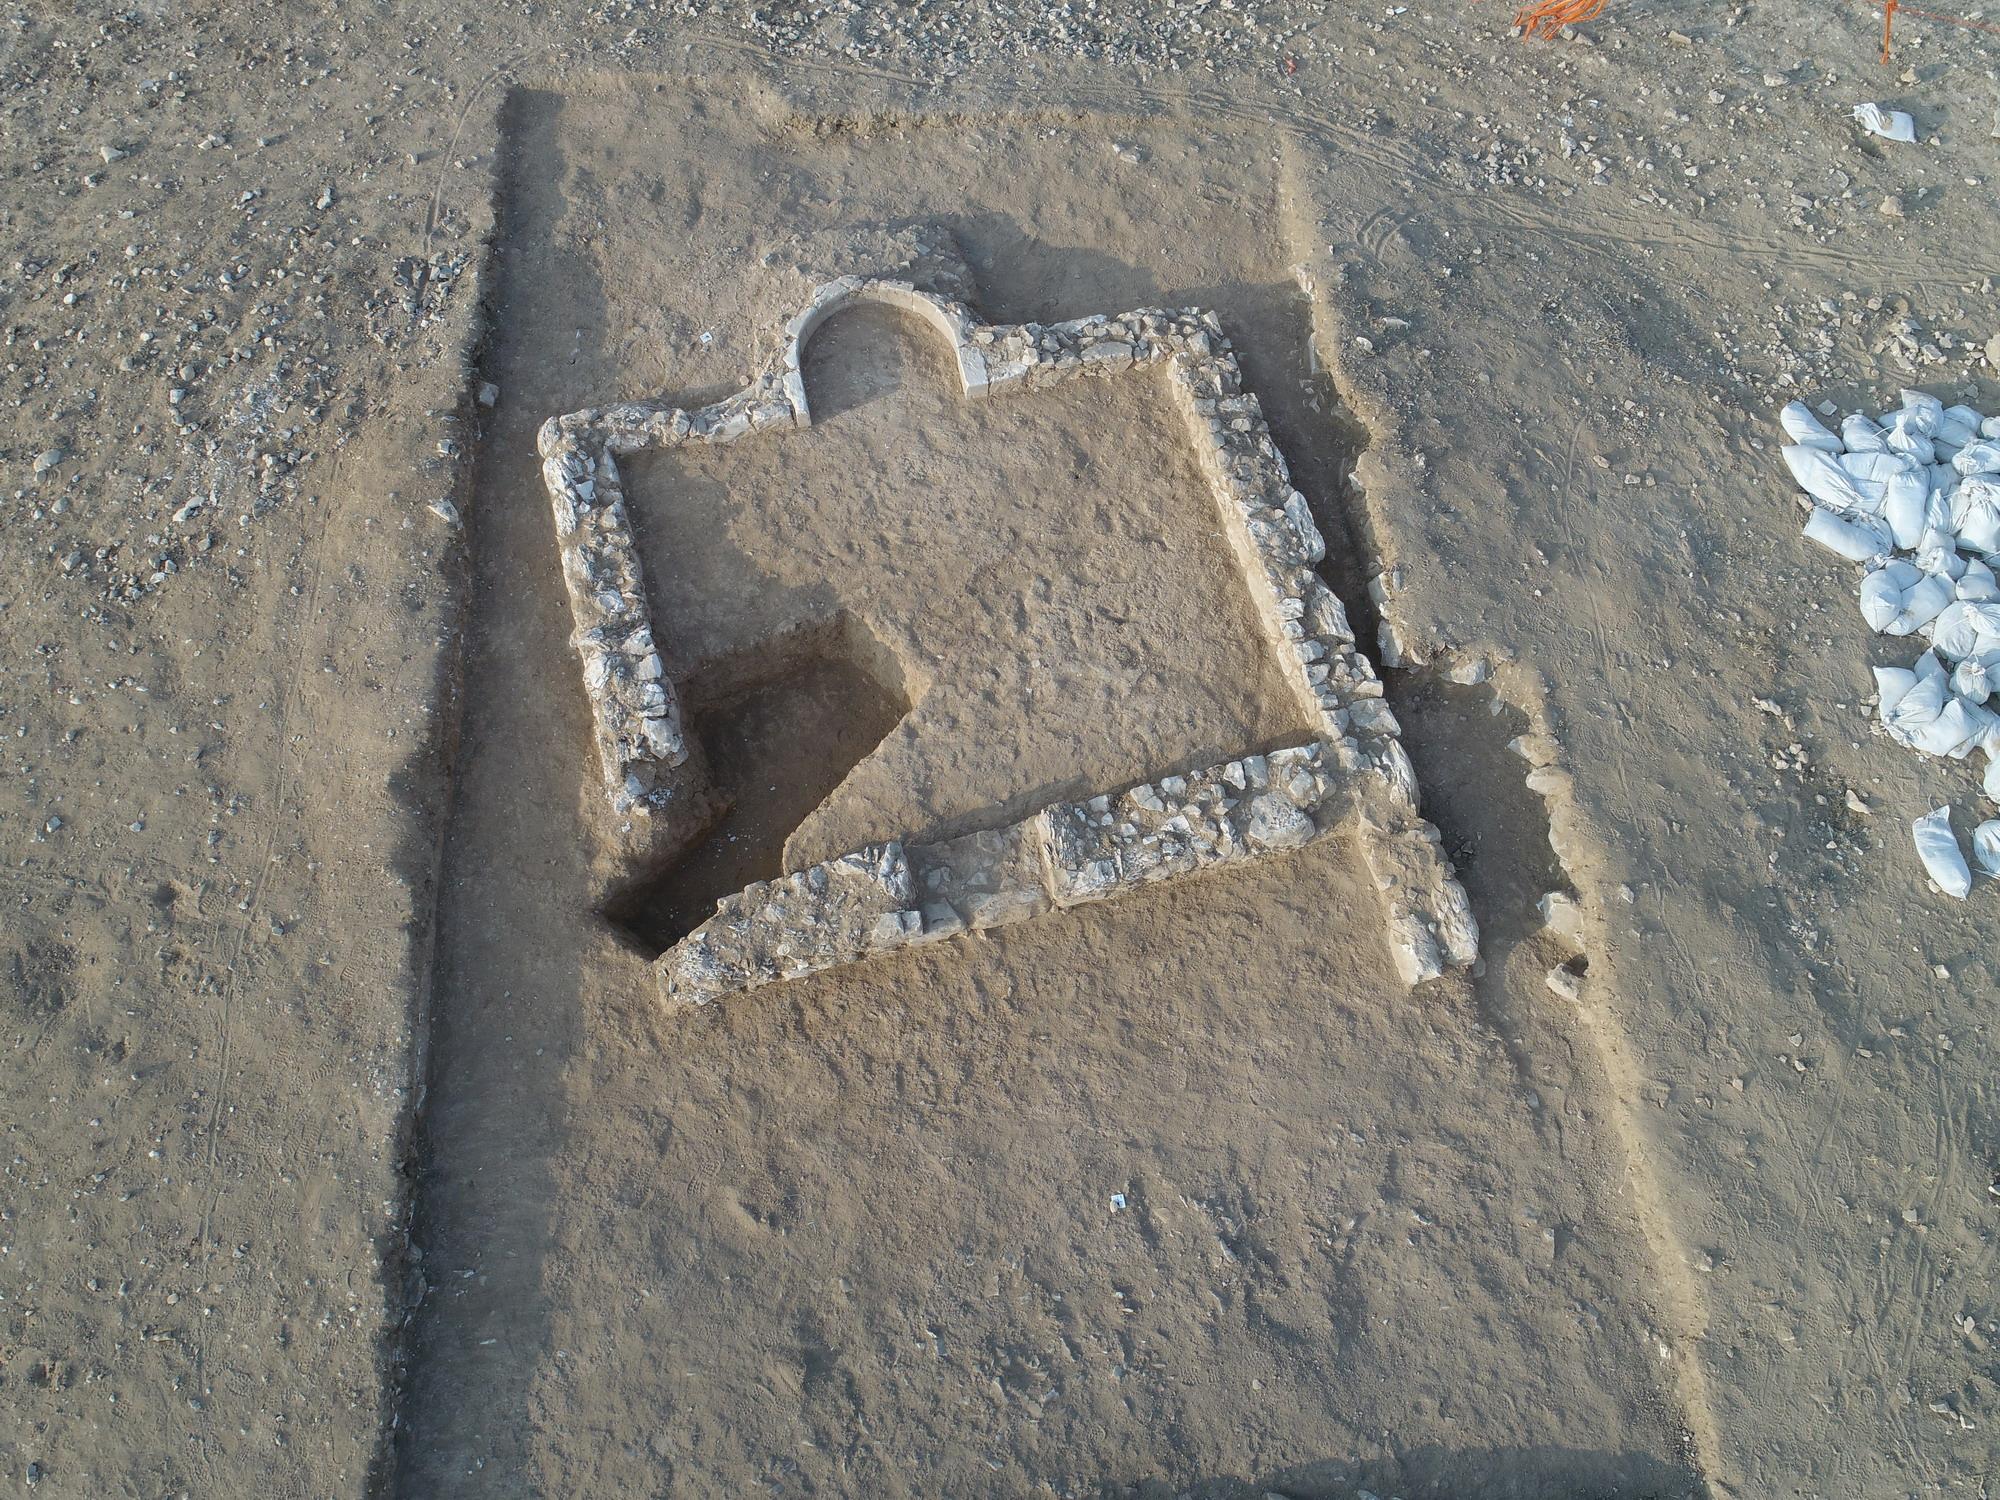 צילום אווירי: אמיל אלג'ם, רשות העתיקות